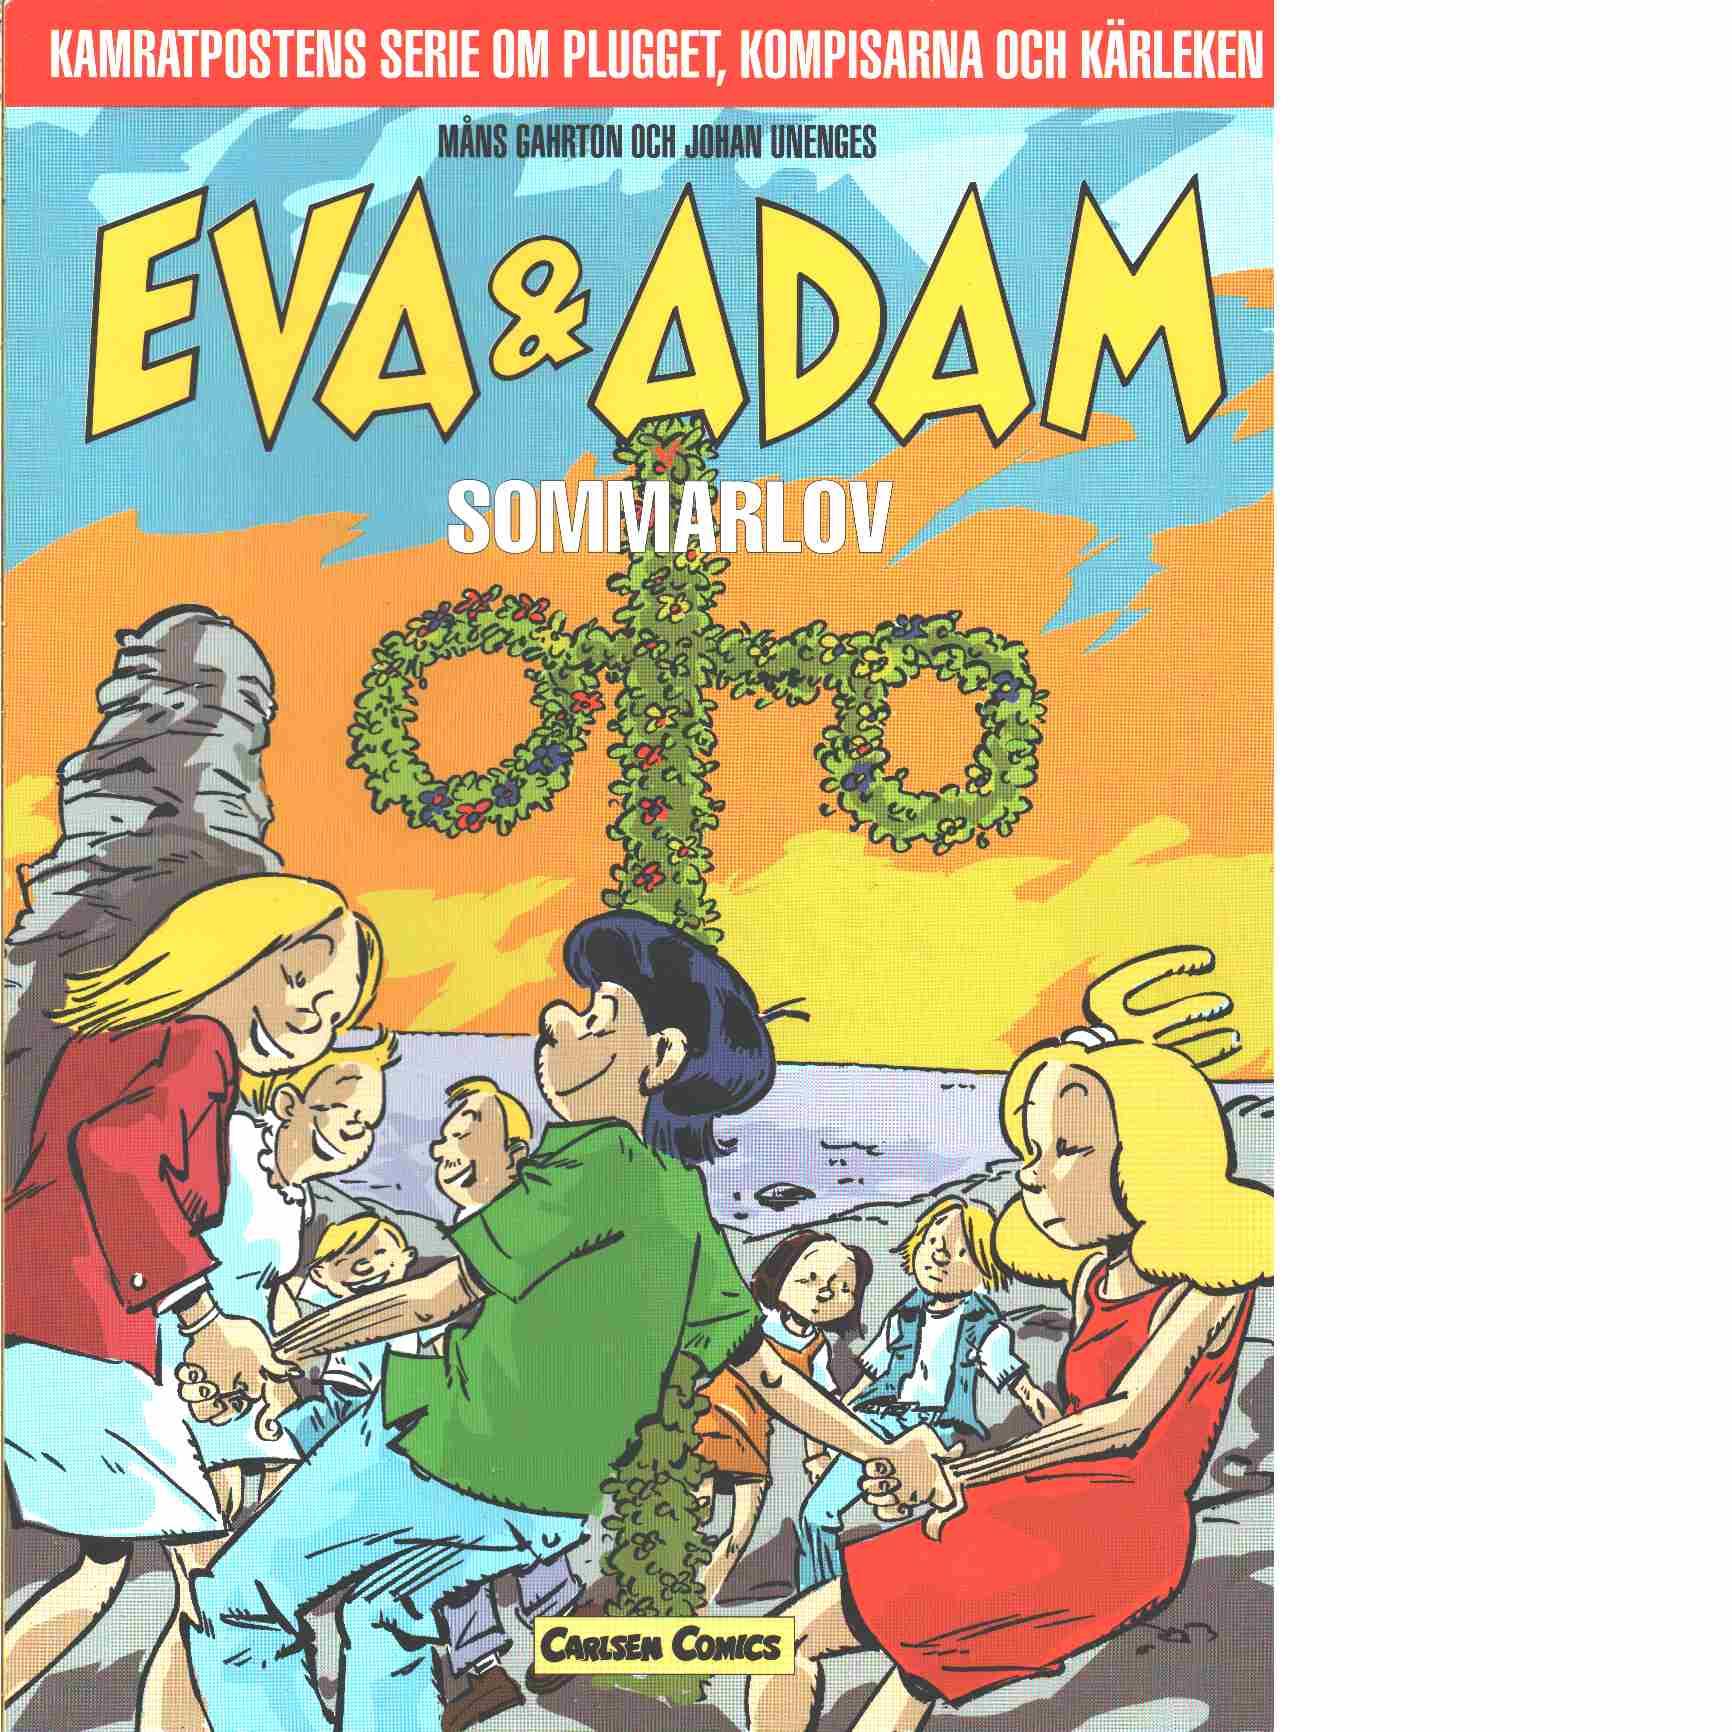 Eva & Adam  Sommarlov - Gahrton, Måns och Unenge, Johan